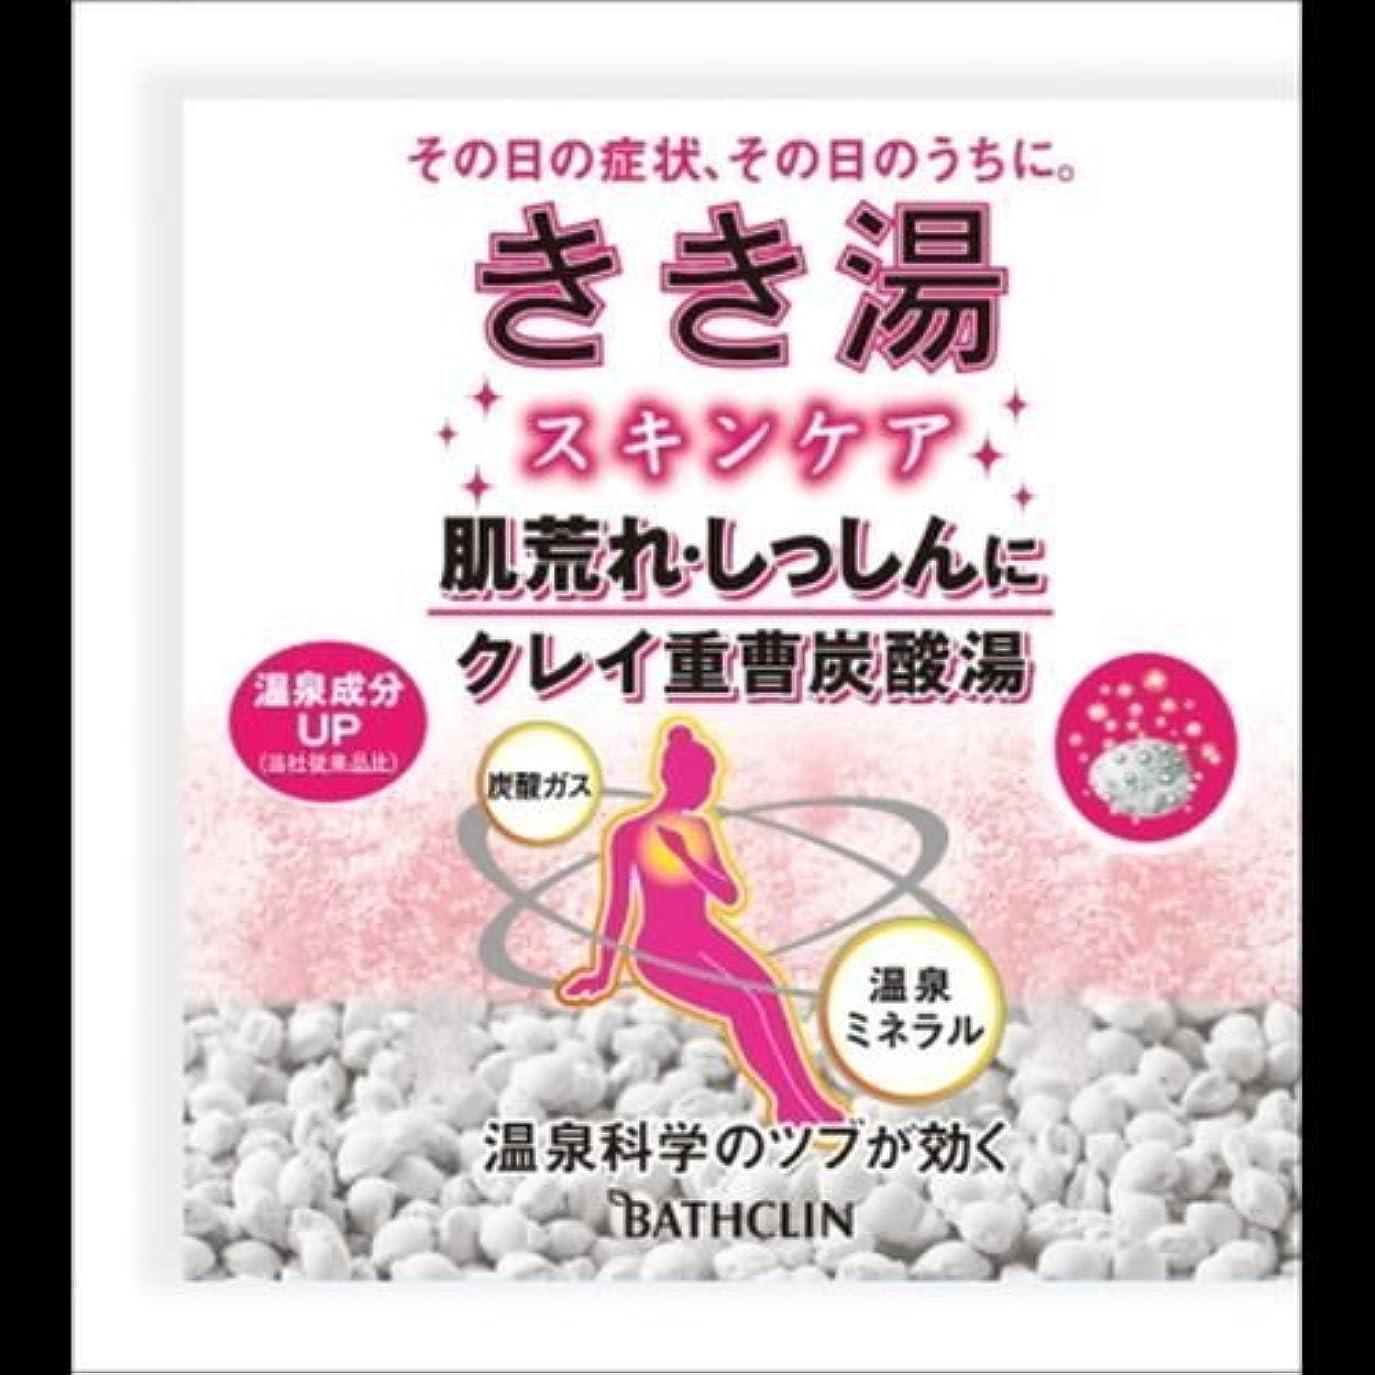 下減衰ブリークきき湯 クレイ重曹炭酸湯 30g